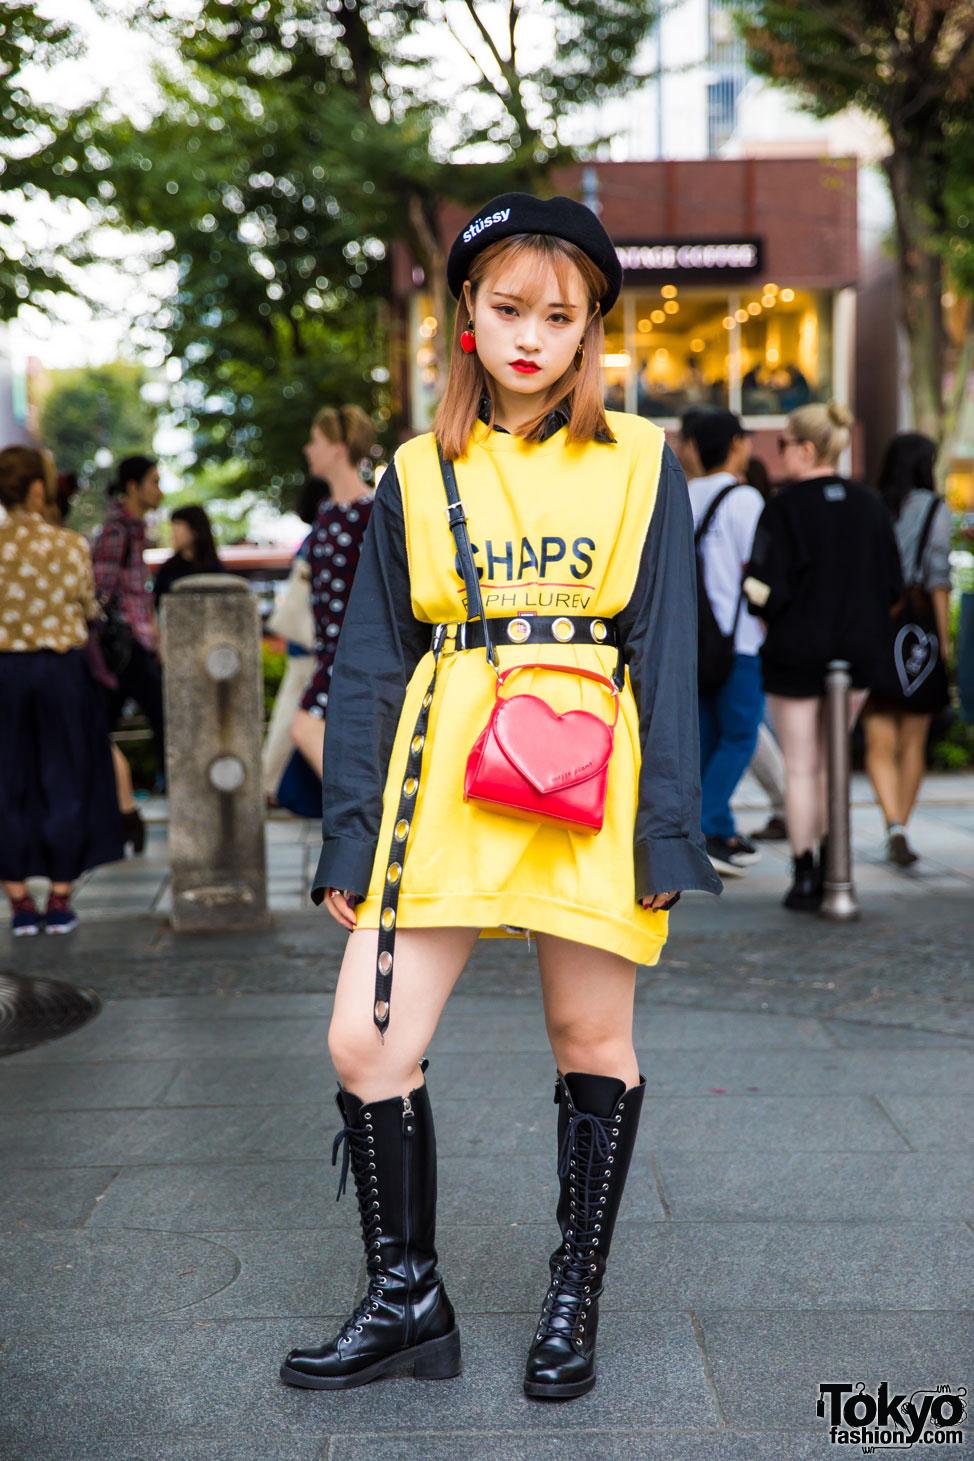 Harajuku Girl In Yellow Black Streetwear W Chaps Ralph Lauren Open The Door Stussy